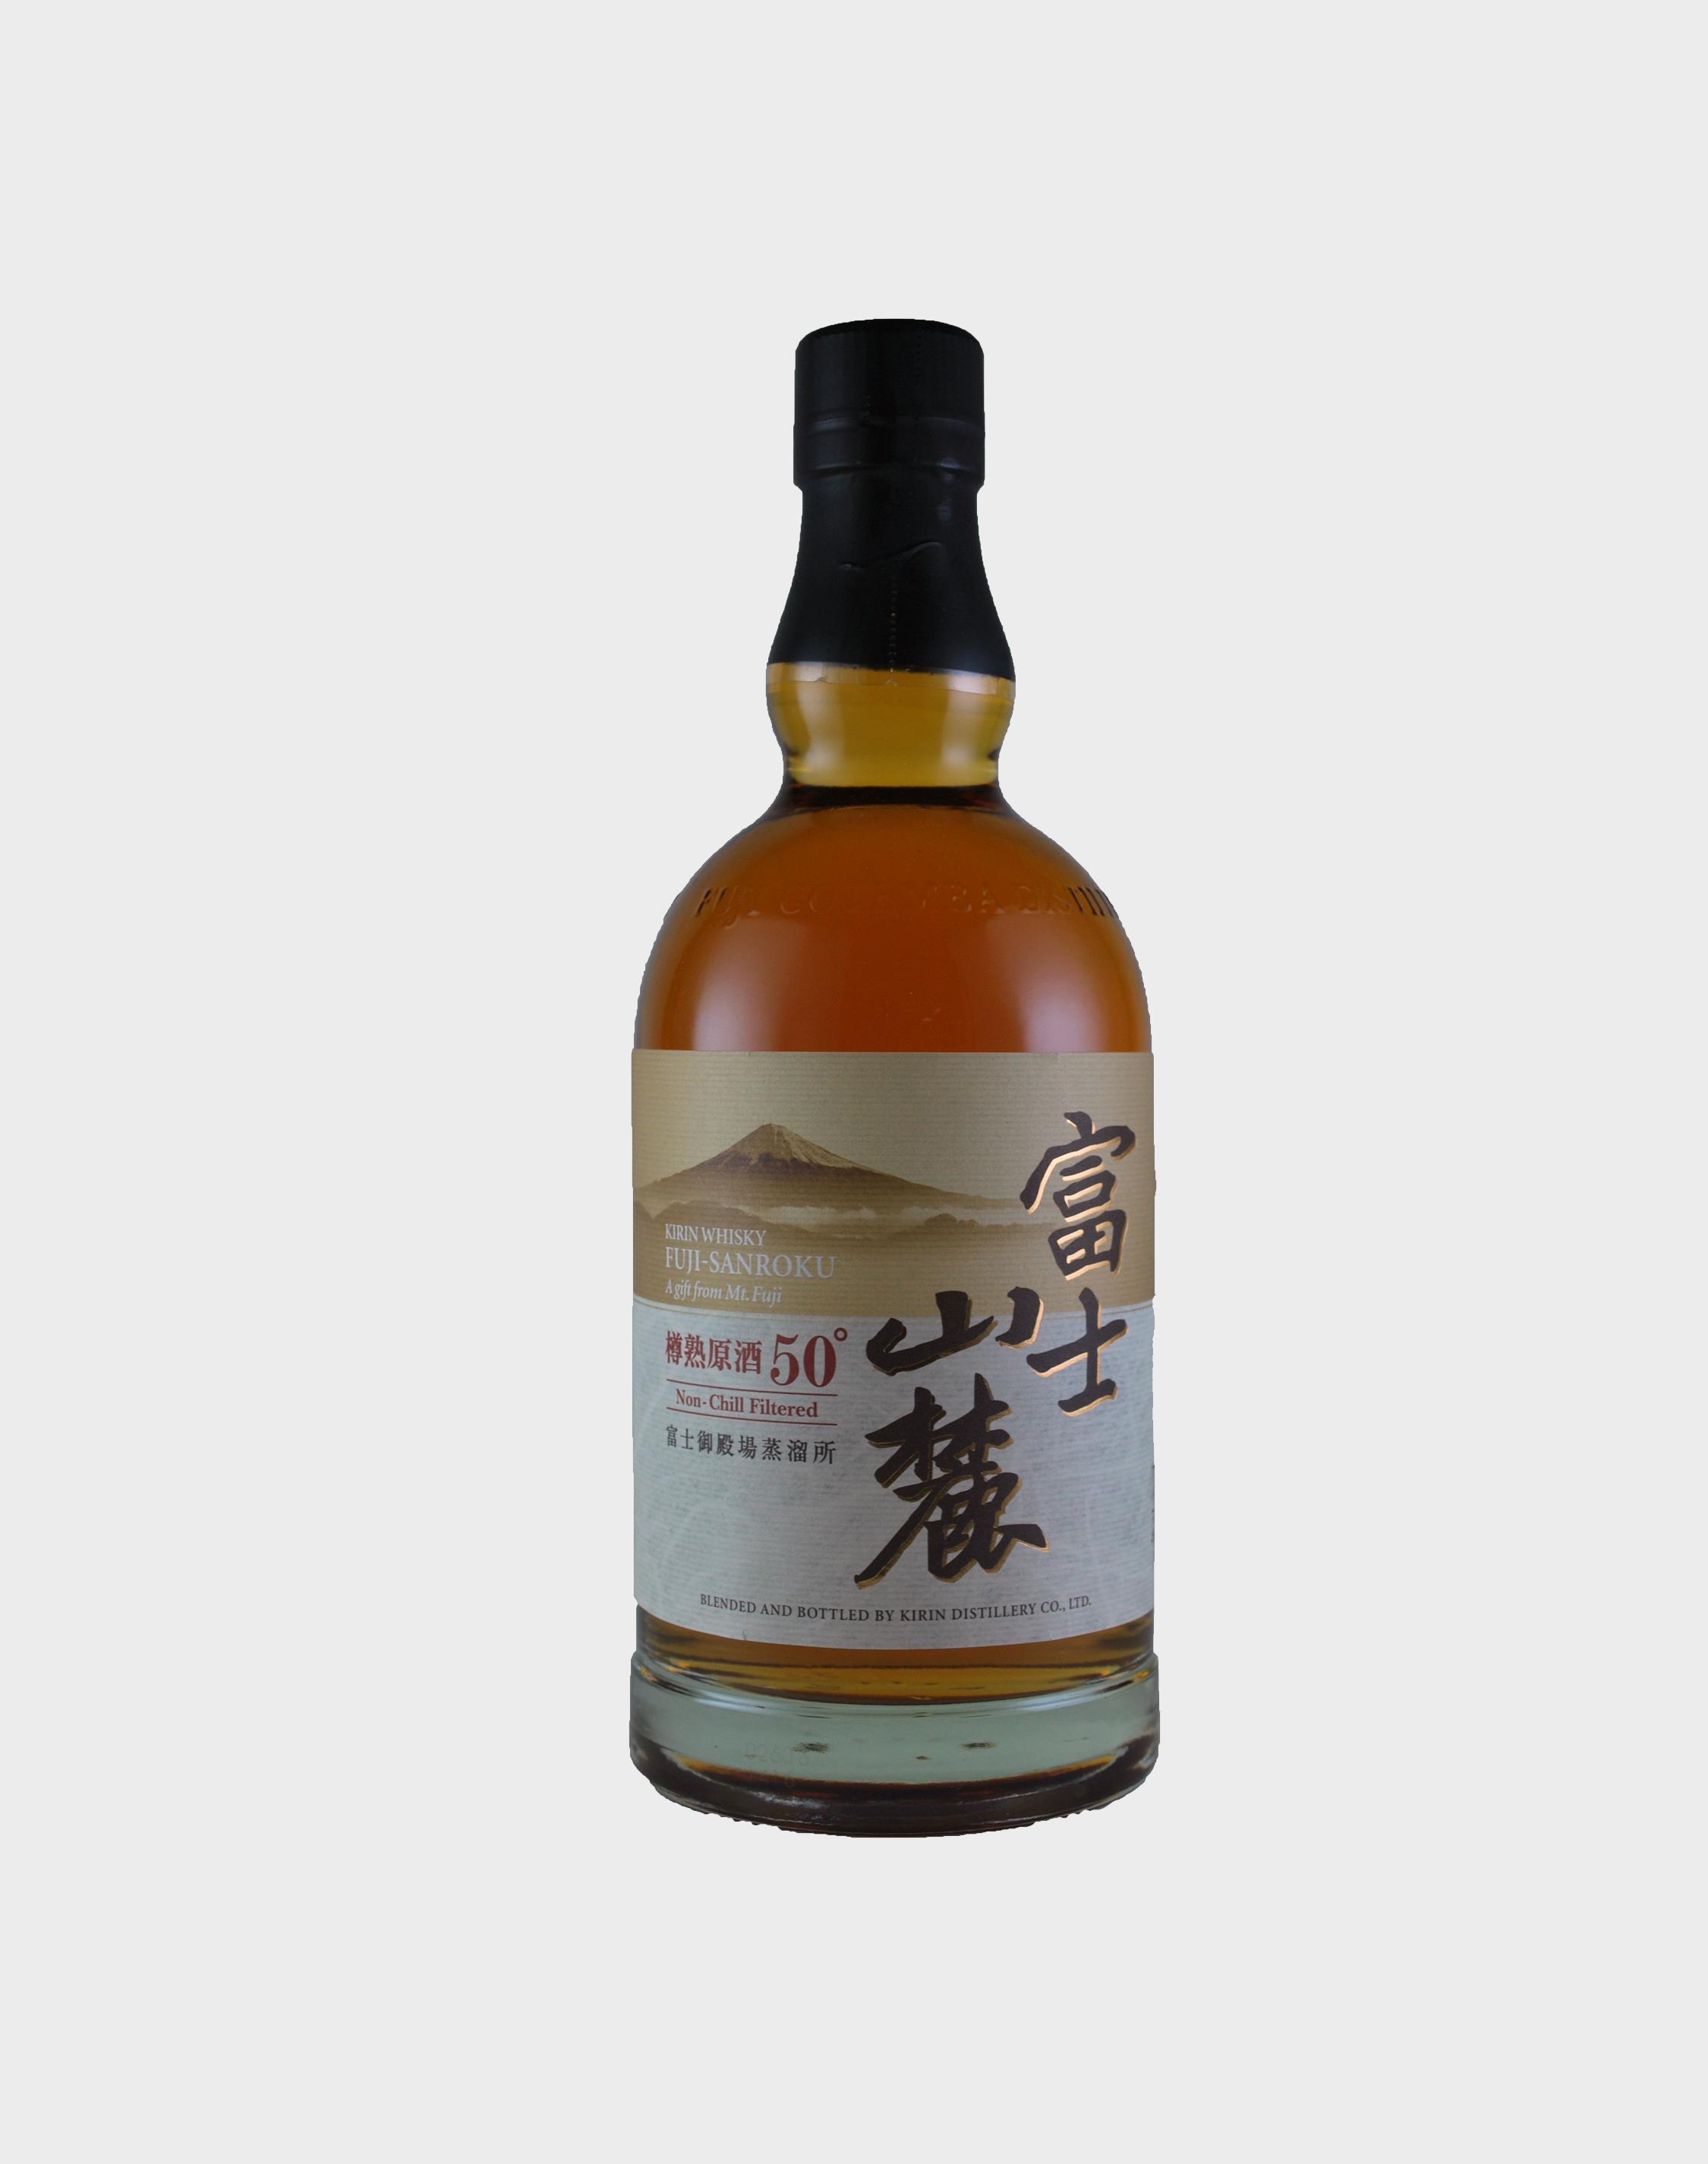 Fujisanroku Whisky